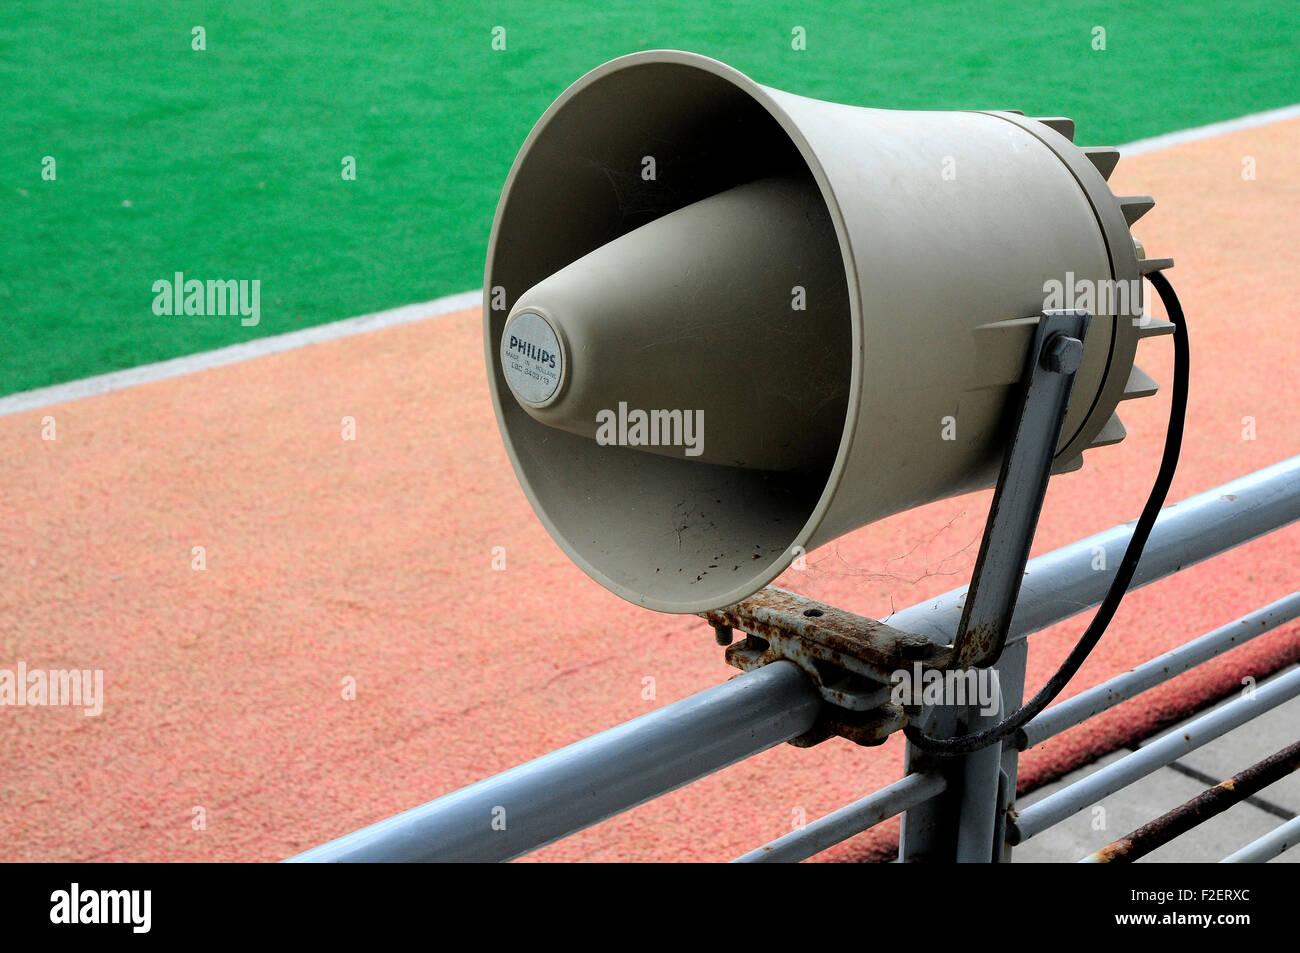 speaker, old speaker, philips - Stock Image